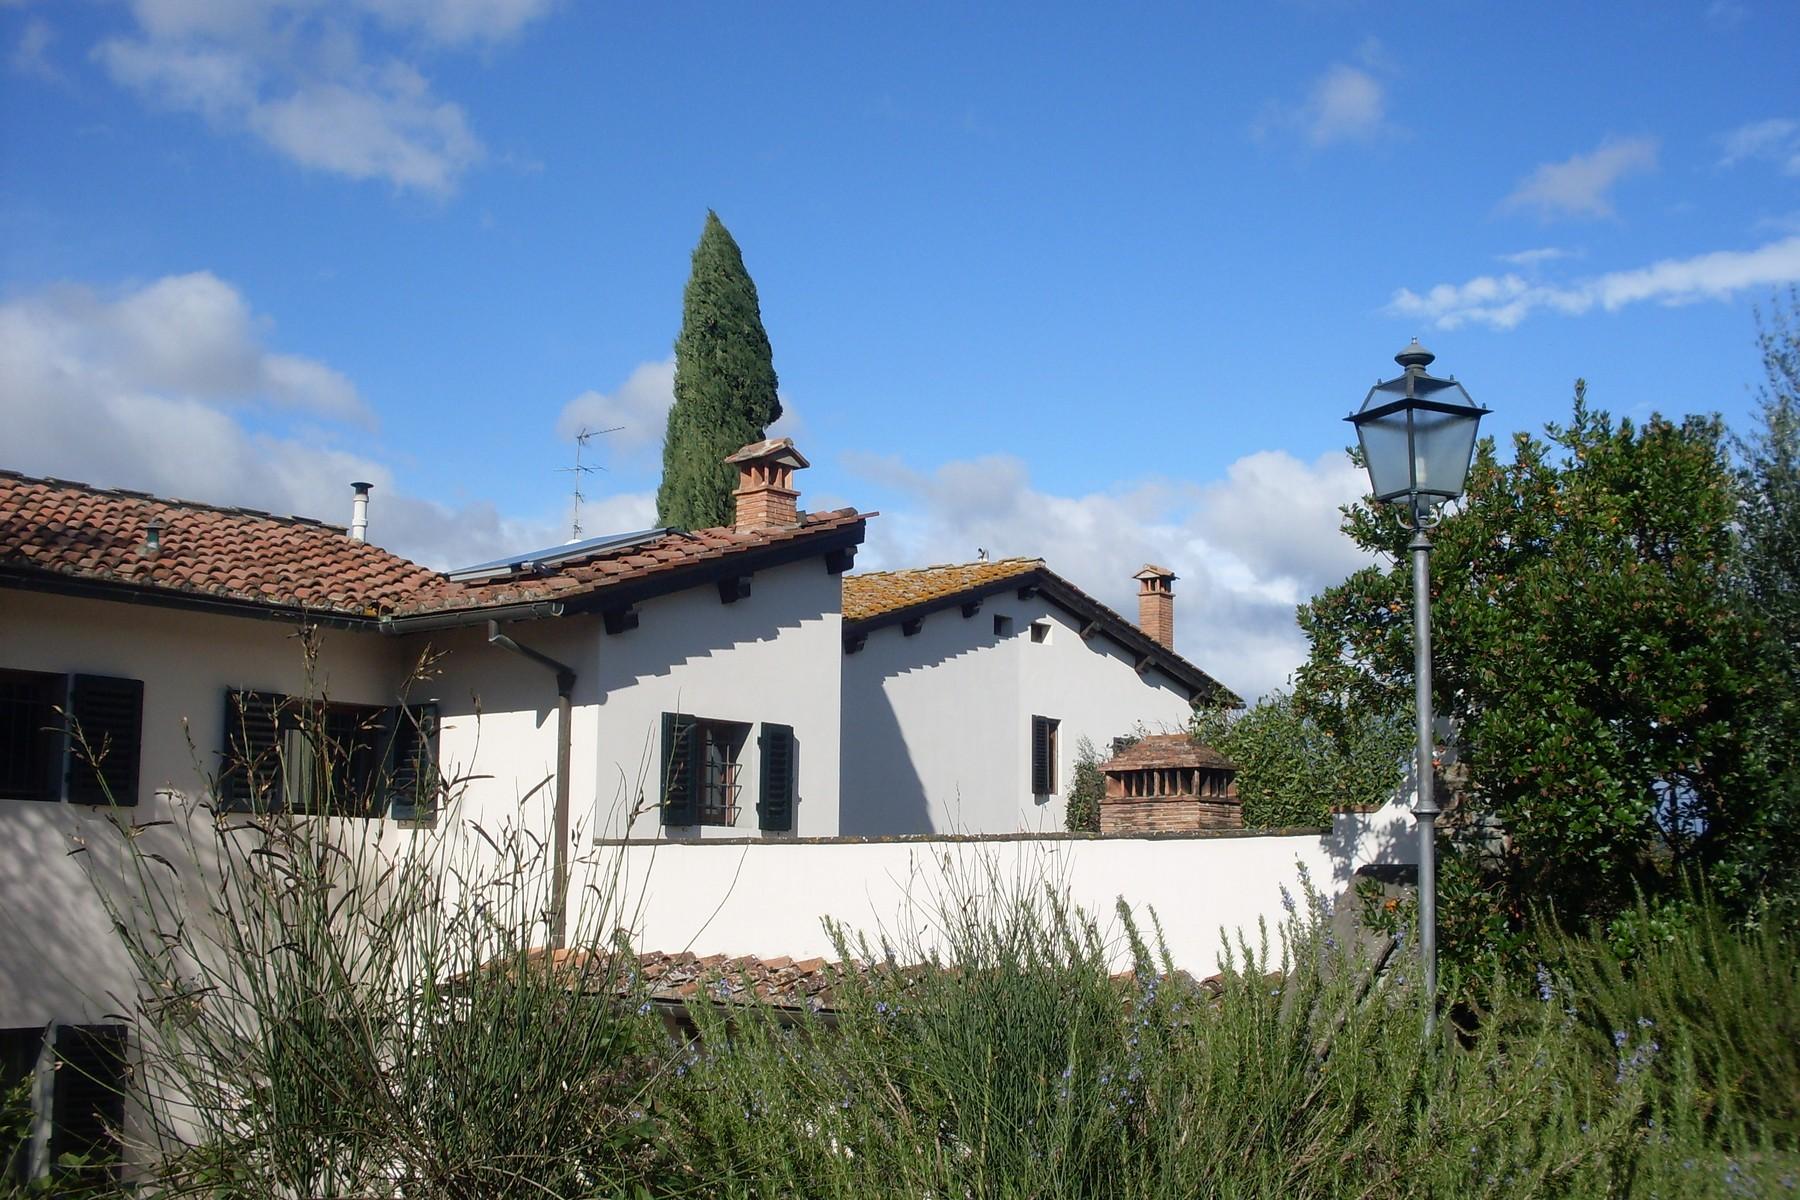 Rustico in Vendita a Bagno A Ripoli: 5 locali, 1385 mq - Foto 8